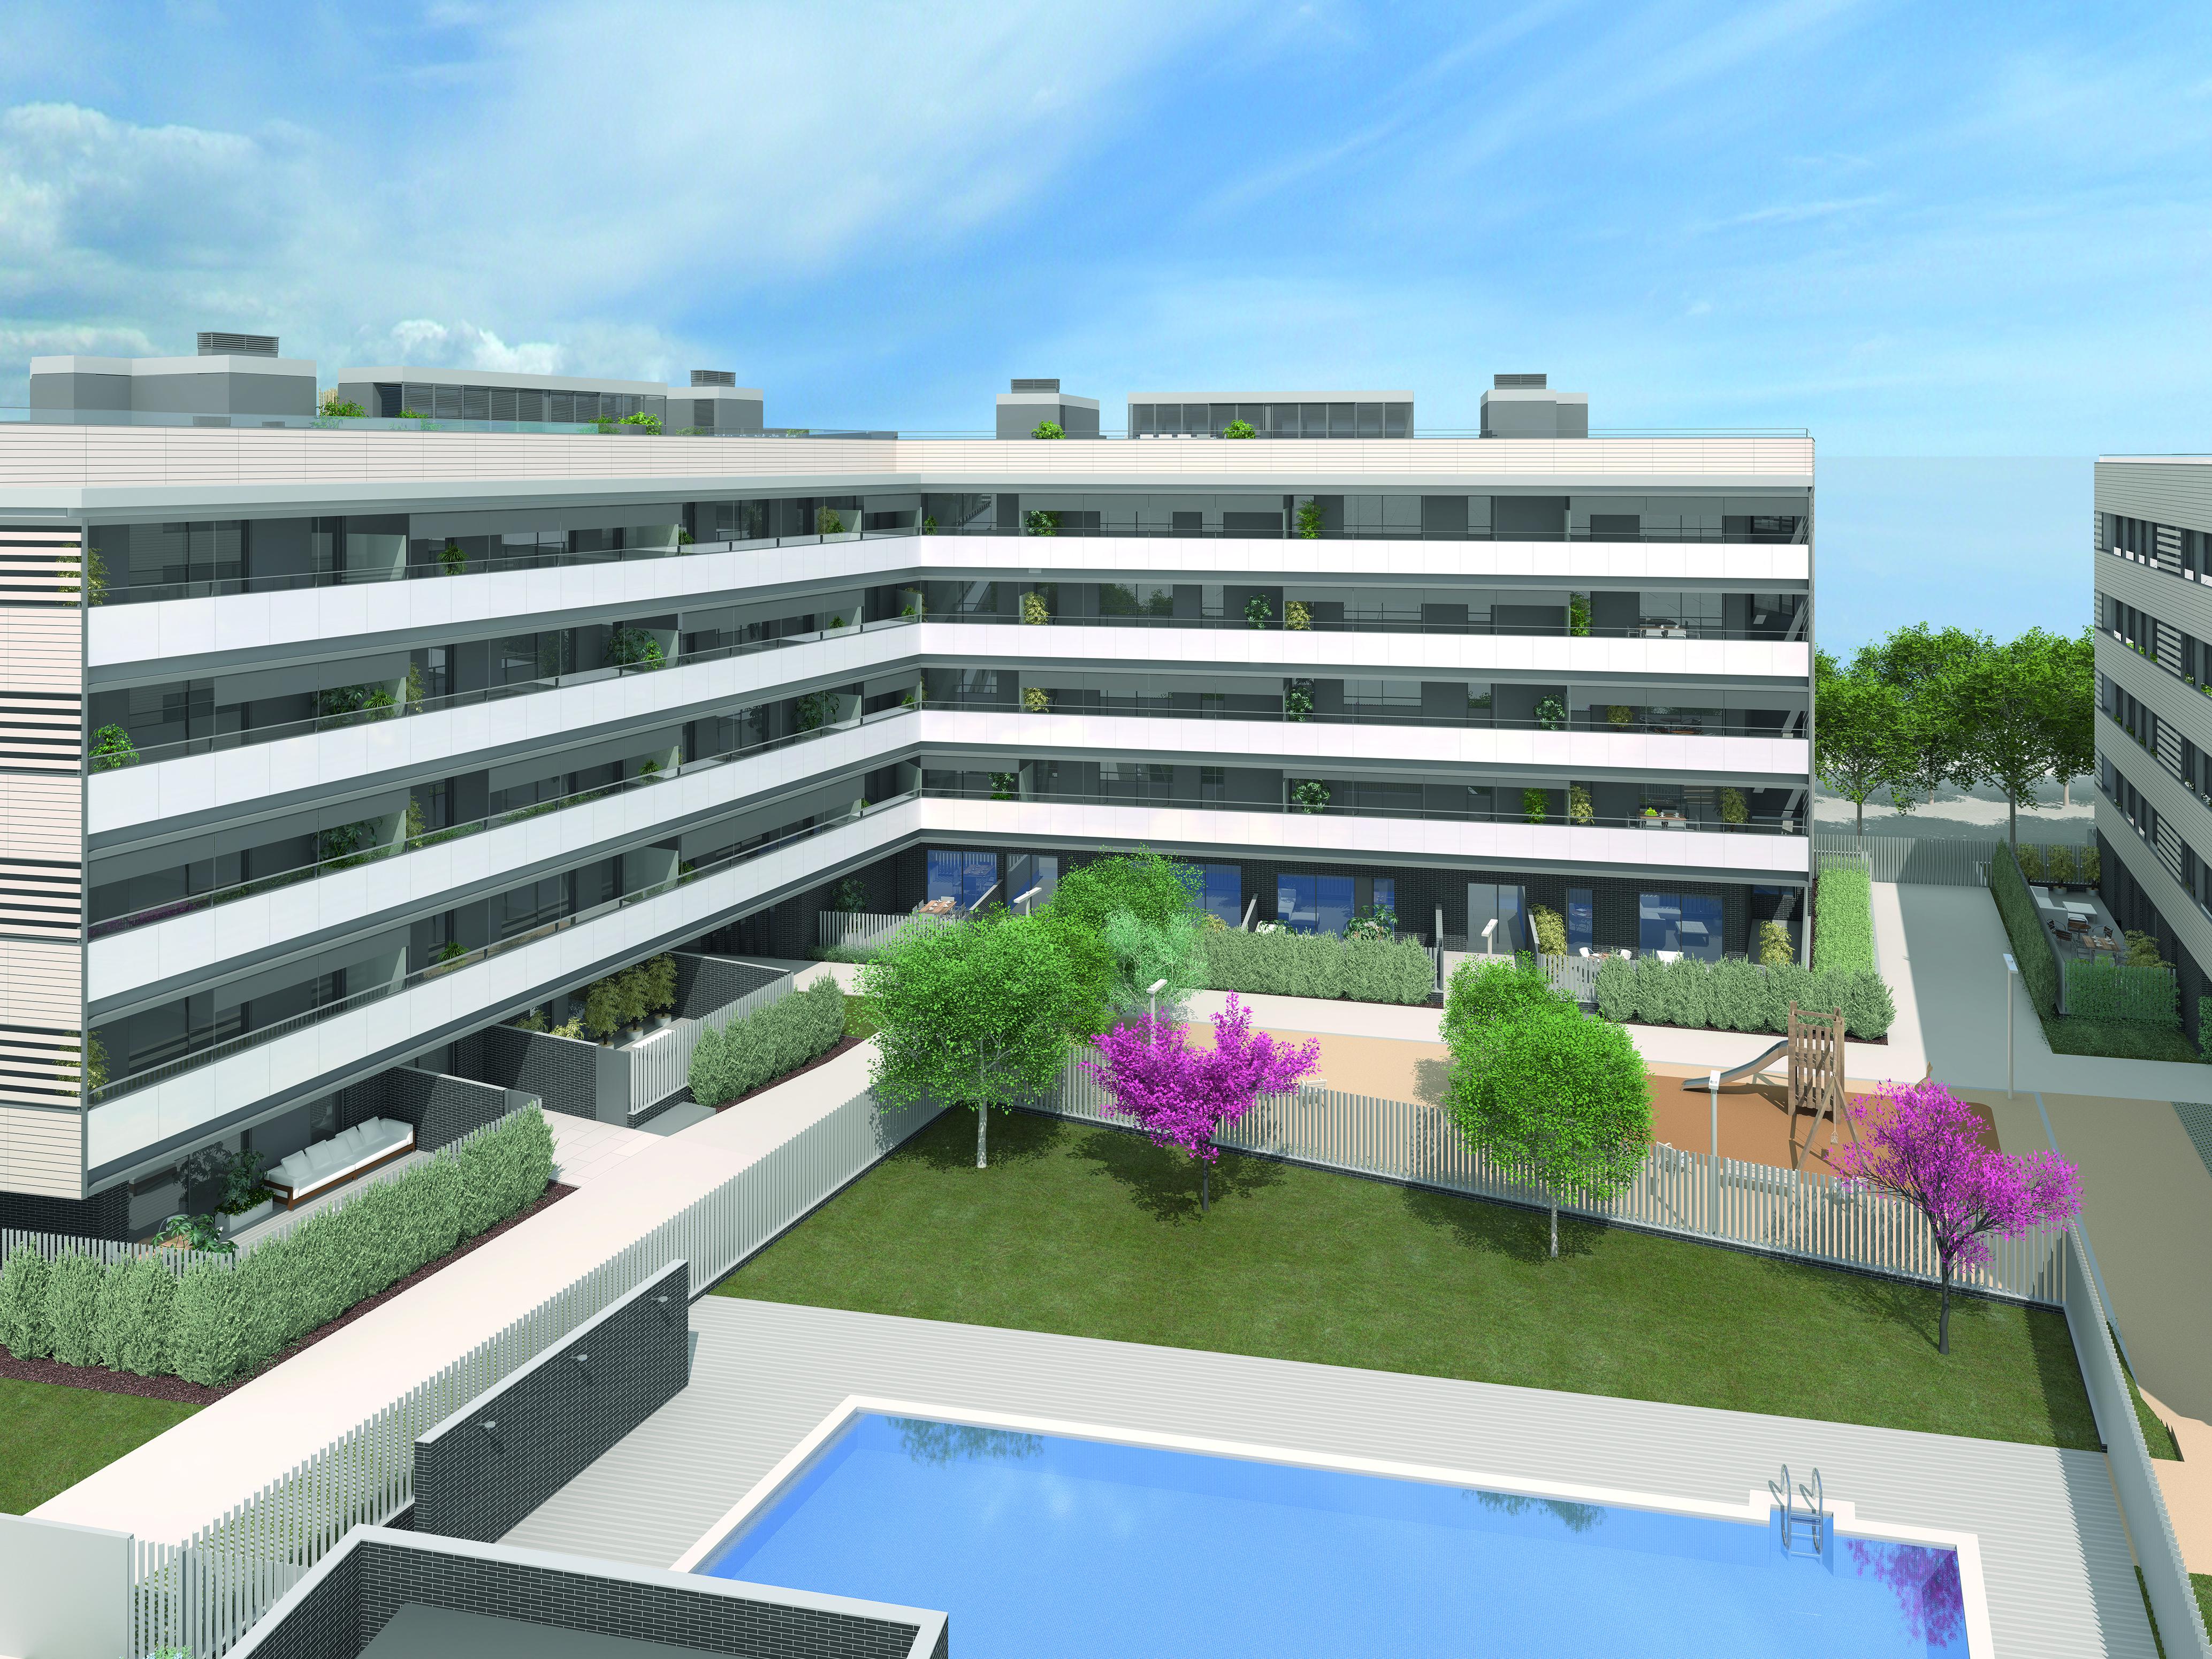 Piso en venta en Can Vasconcel, Sant Cugat del Vallès, Barcelona, Calle Josep de Peray, 585.000 €, 4 habitaciones, 1 baño, 135 m2